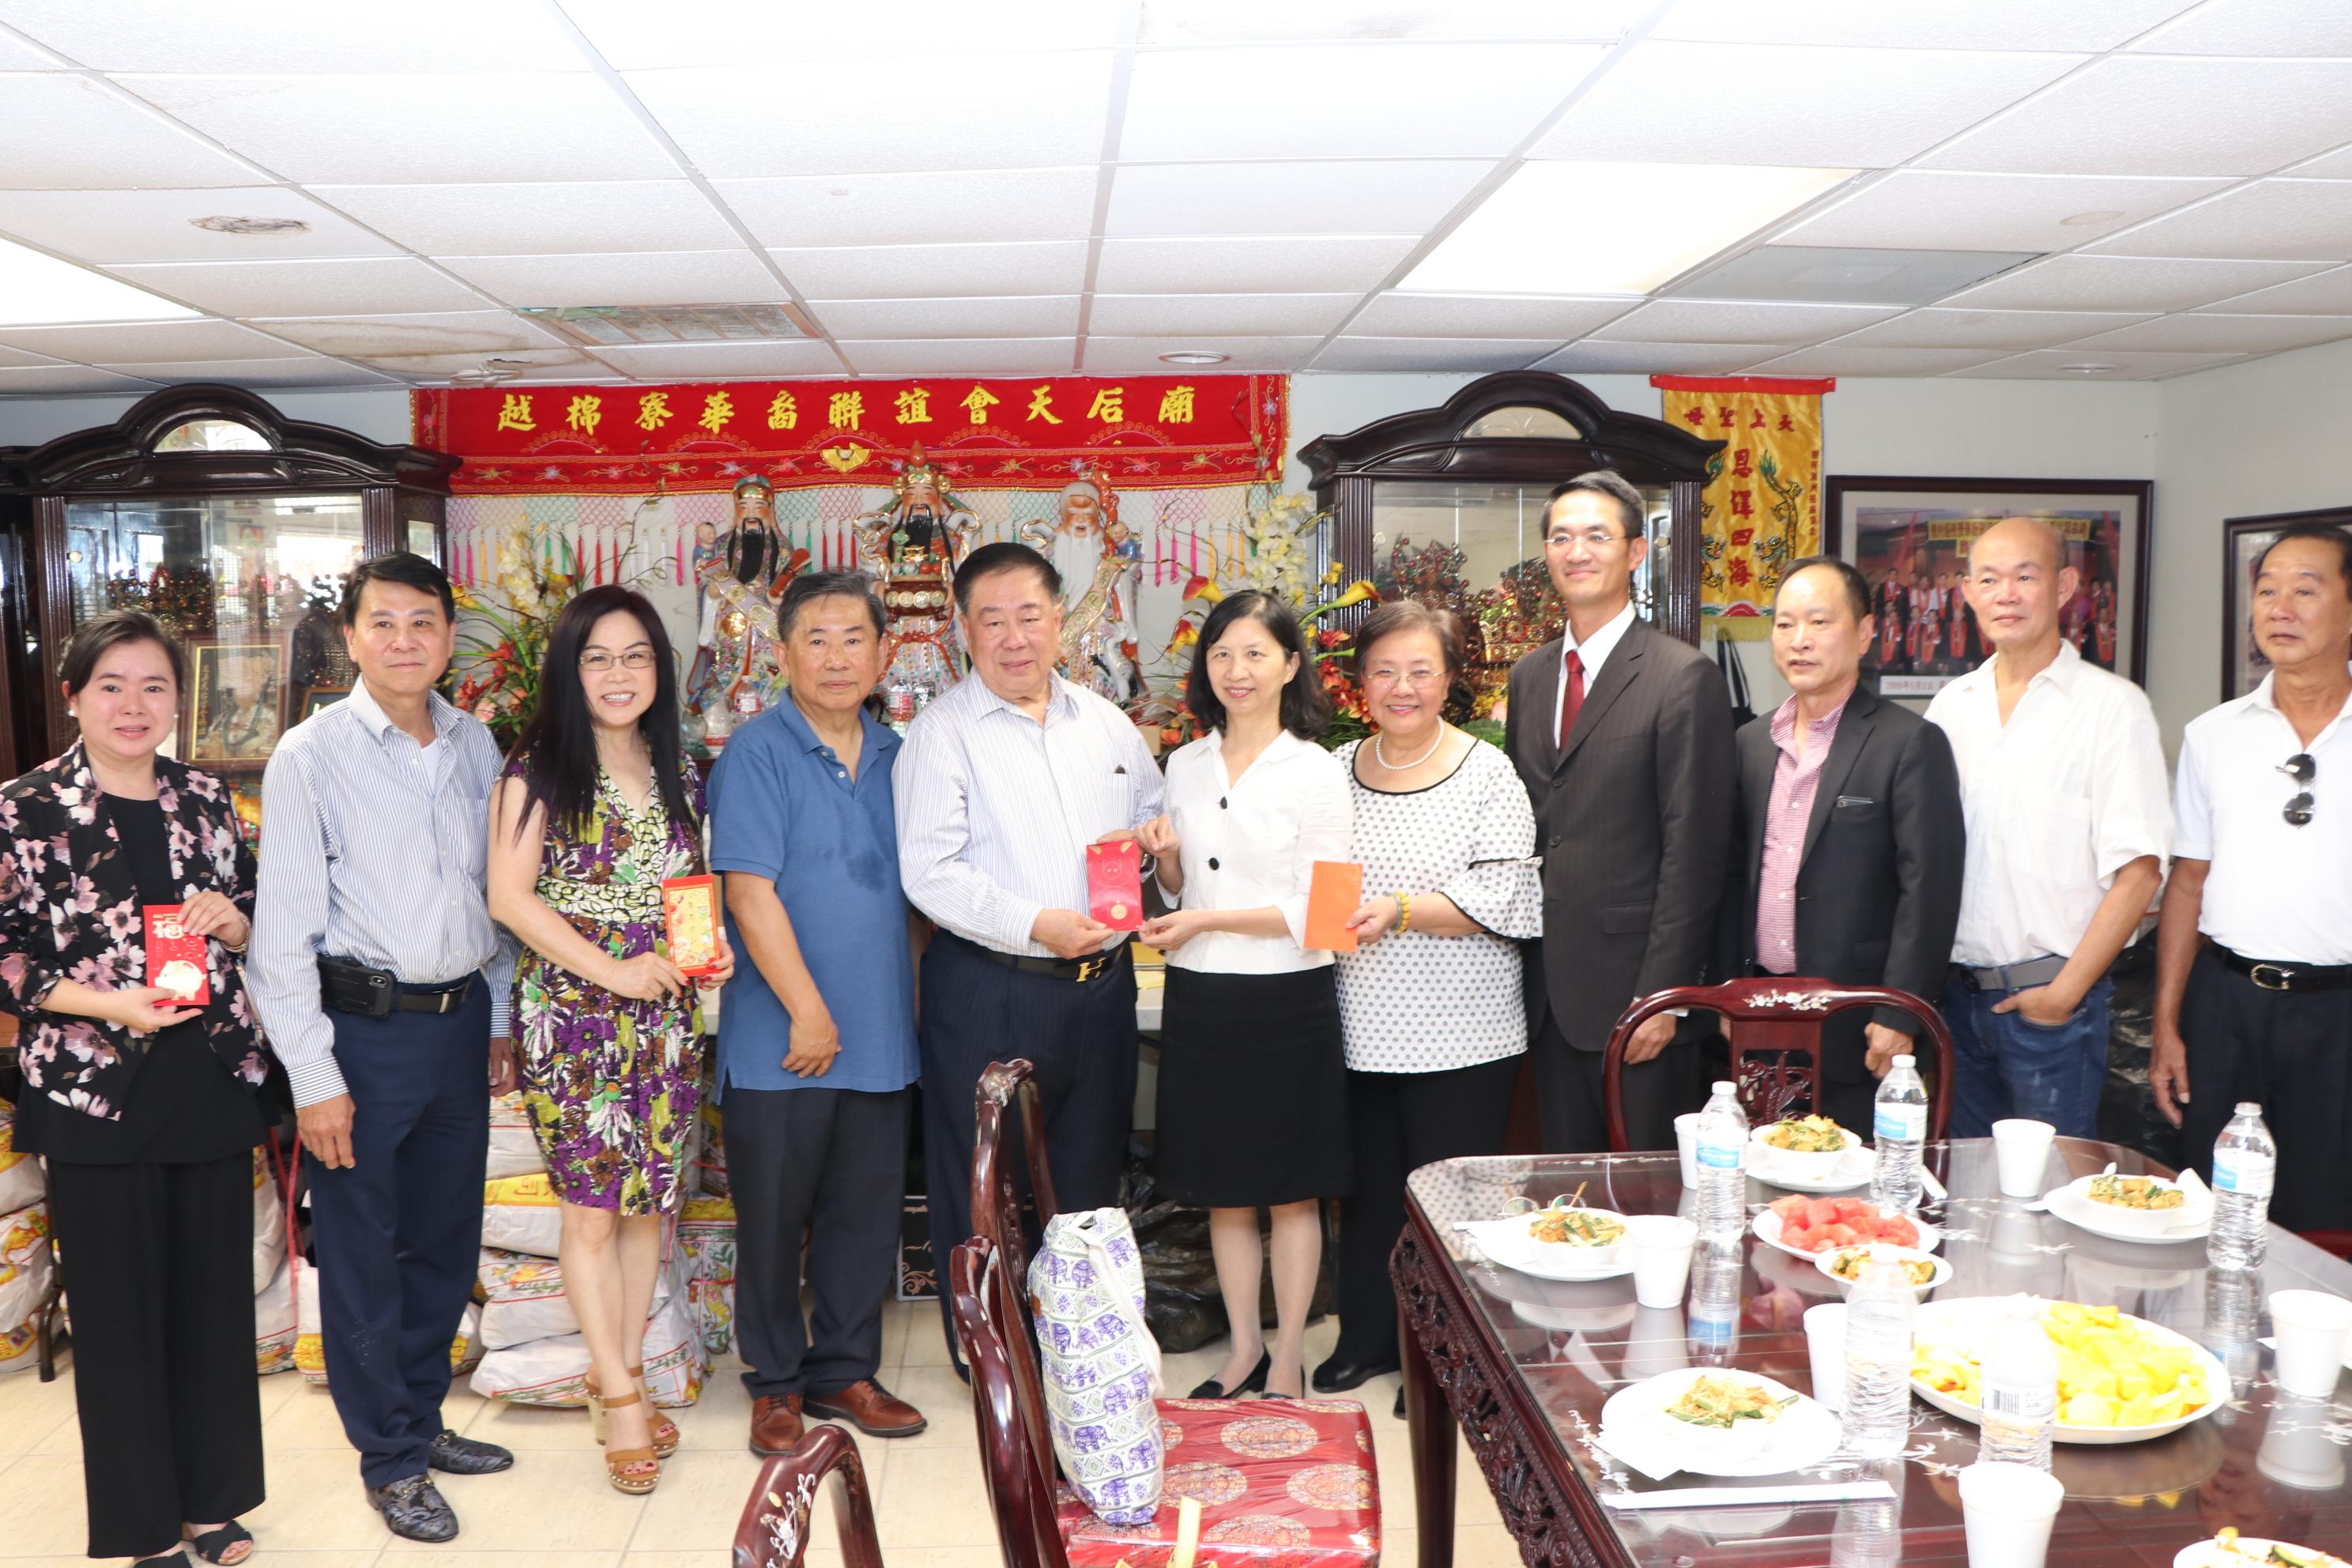 周滿洪(左五)代表天后廟接受陳家彥(右四)等捐贈的香油錢。